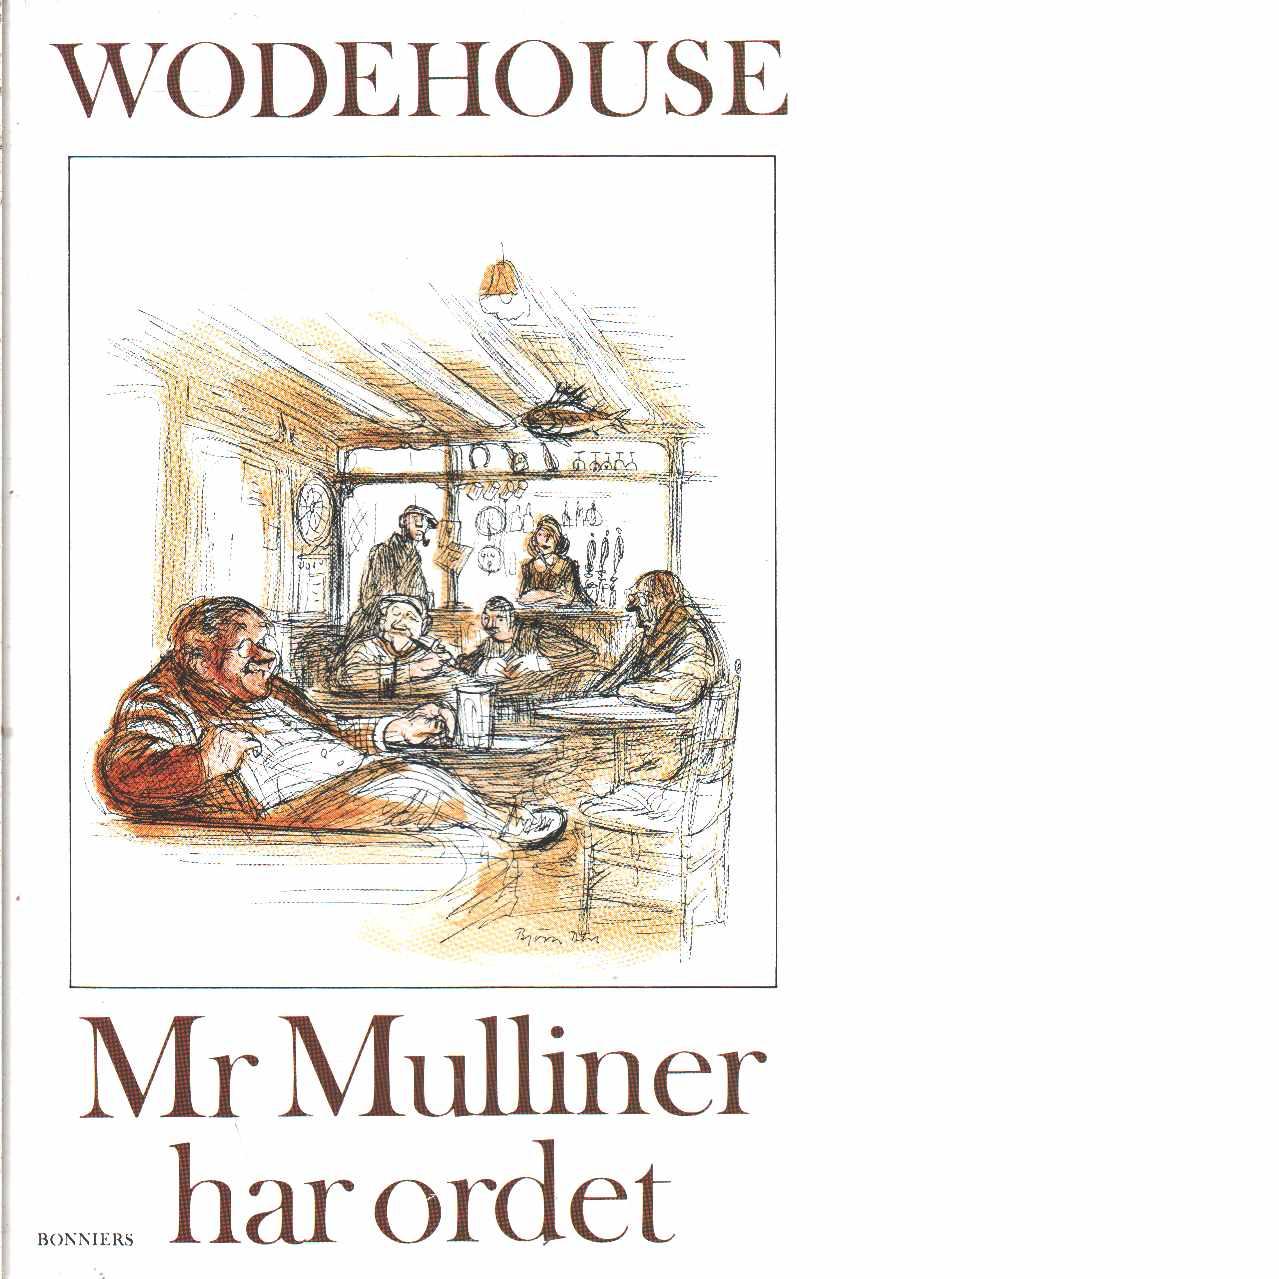 Mr Mulliner har ordet - Wodehouse, P. G.